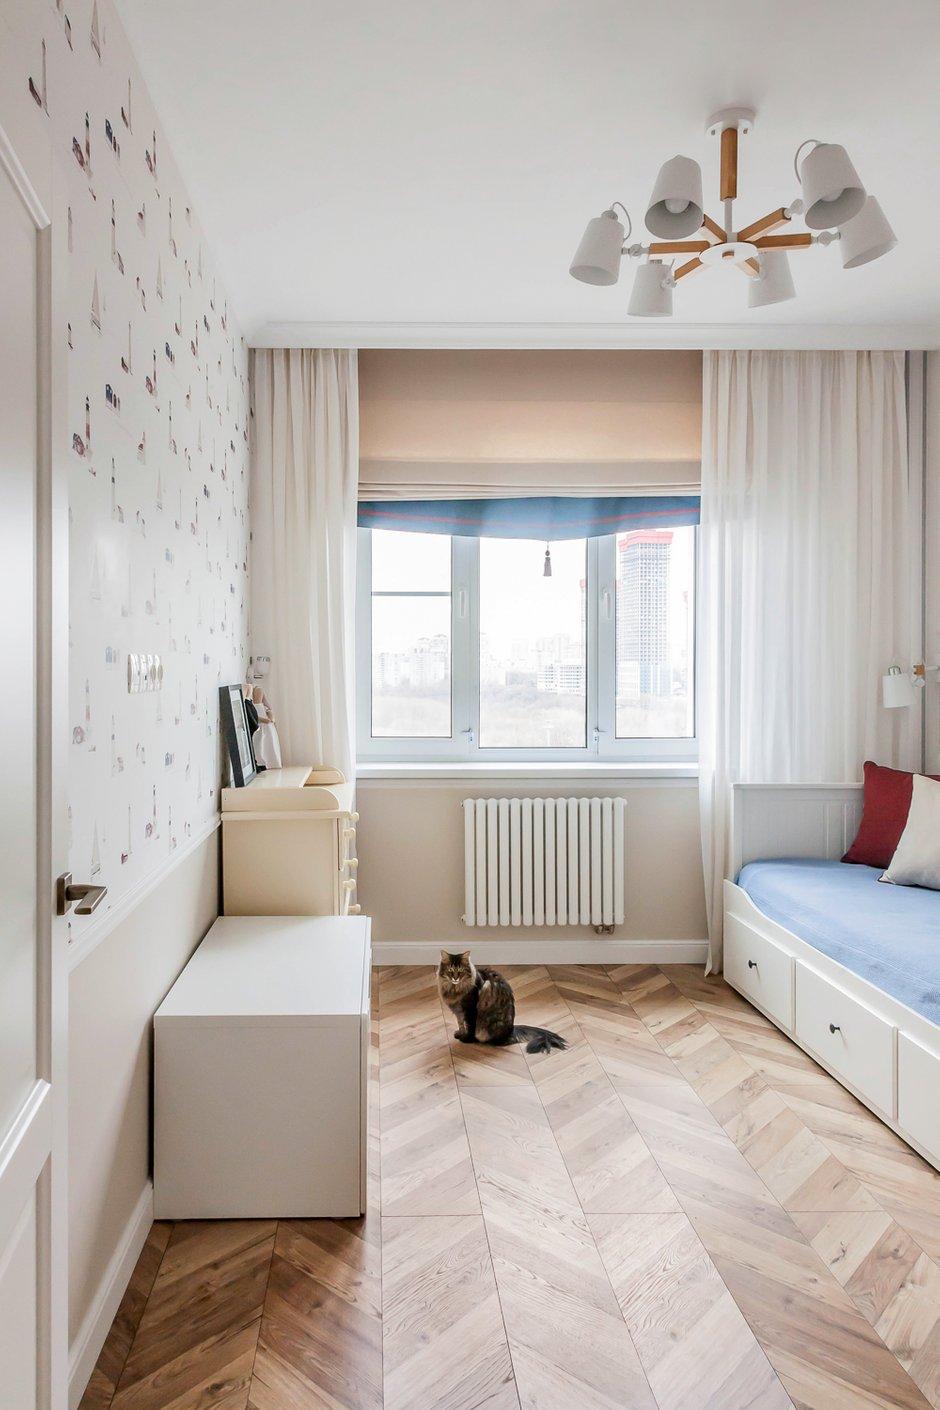 Фотография: Детская в стиле Современный, Квартира, Проект недели, Москва, 3 комнаты, 60-90 метров, Евгения Постухова – фото на INMYROOM